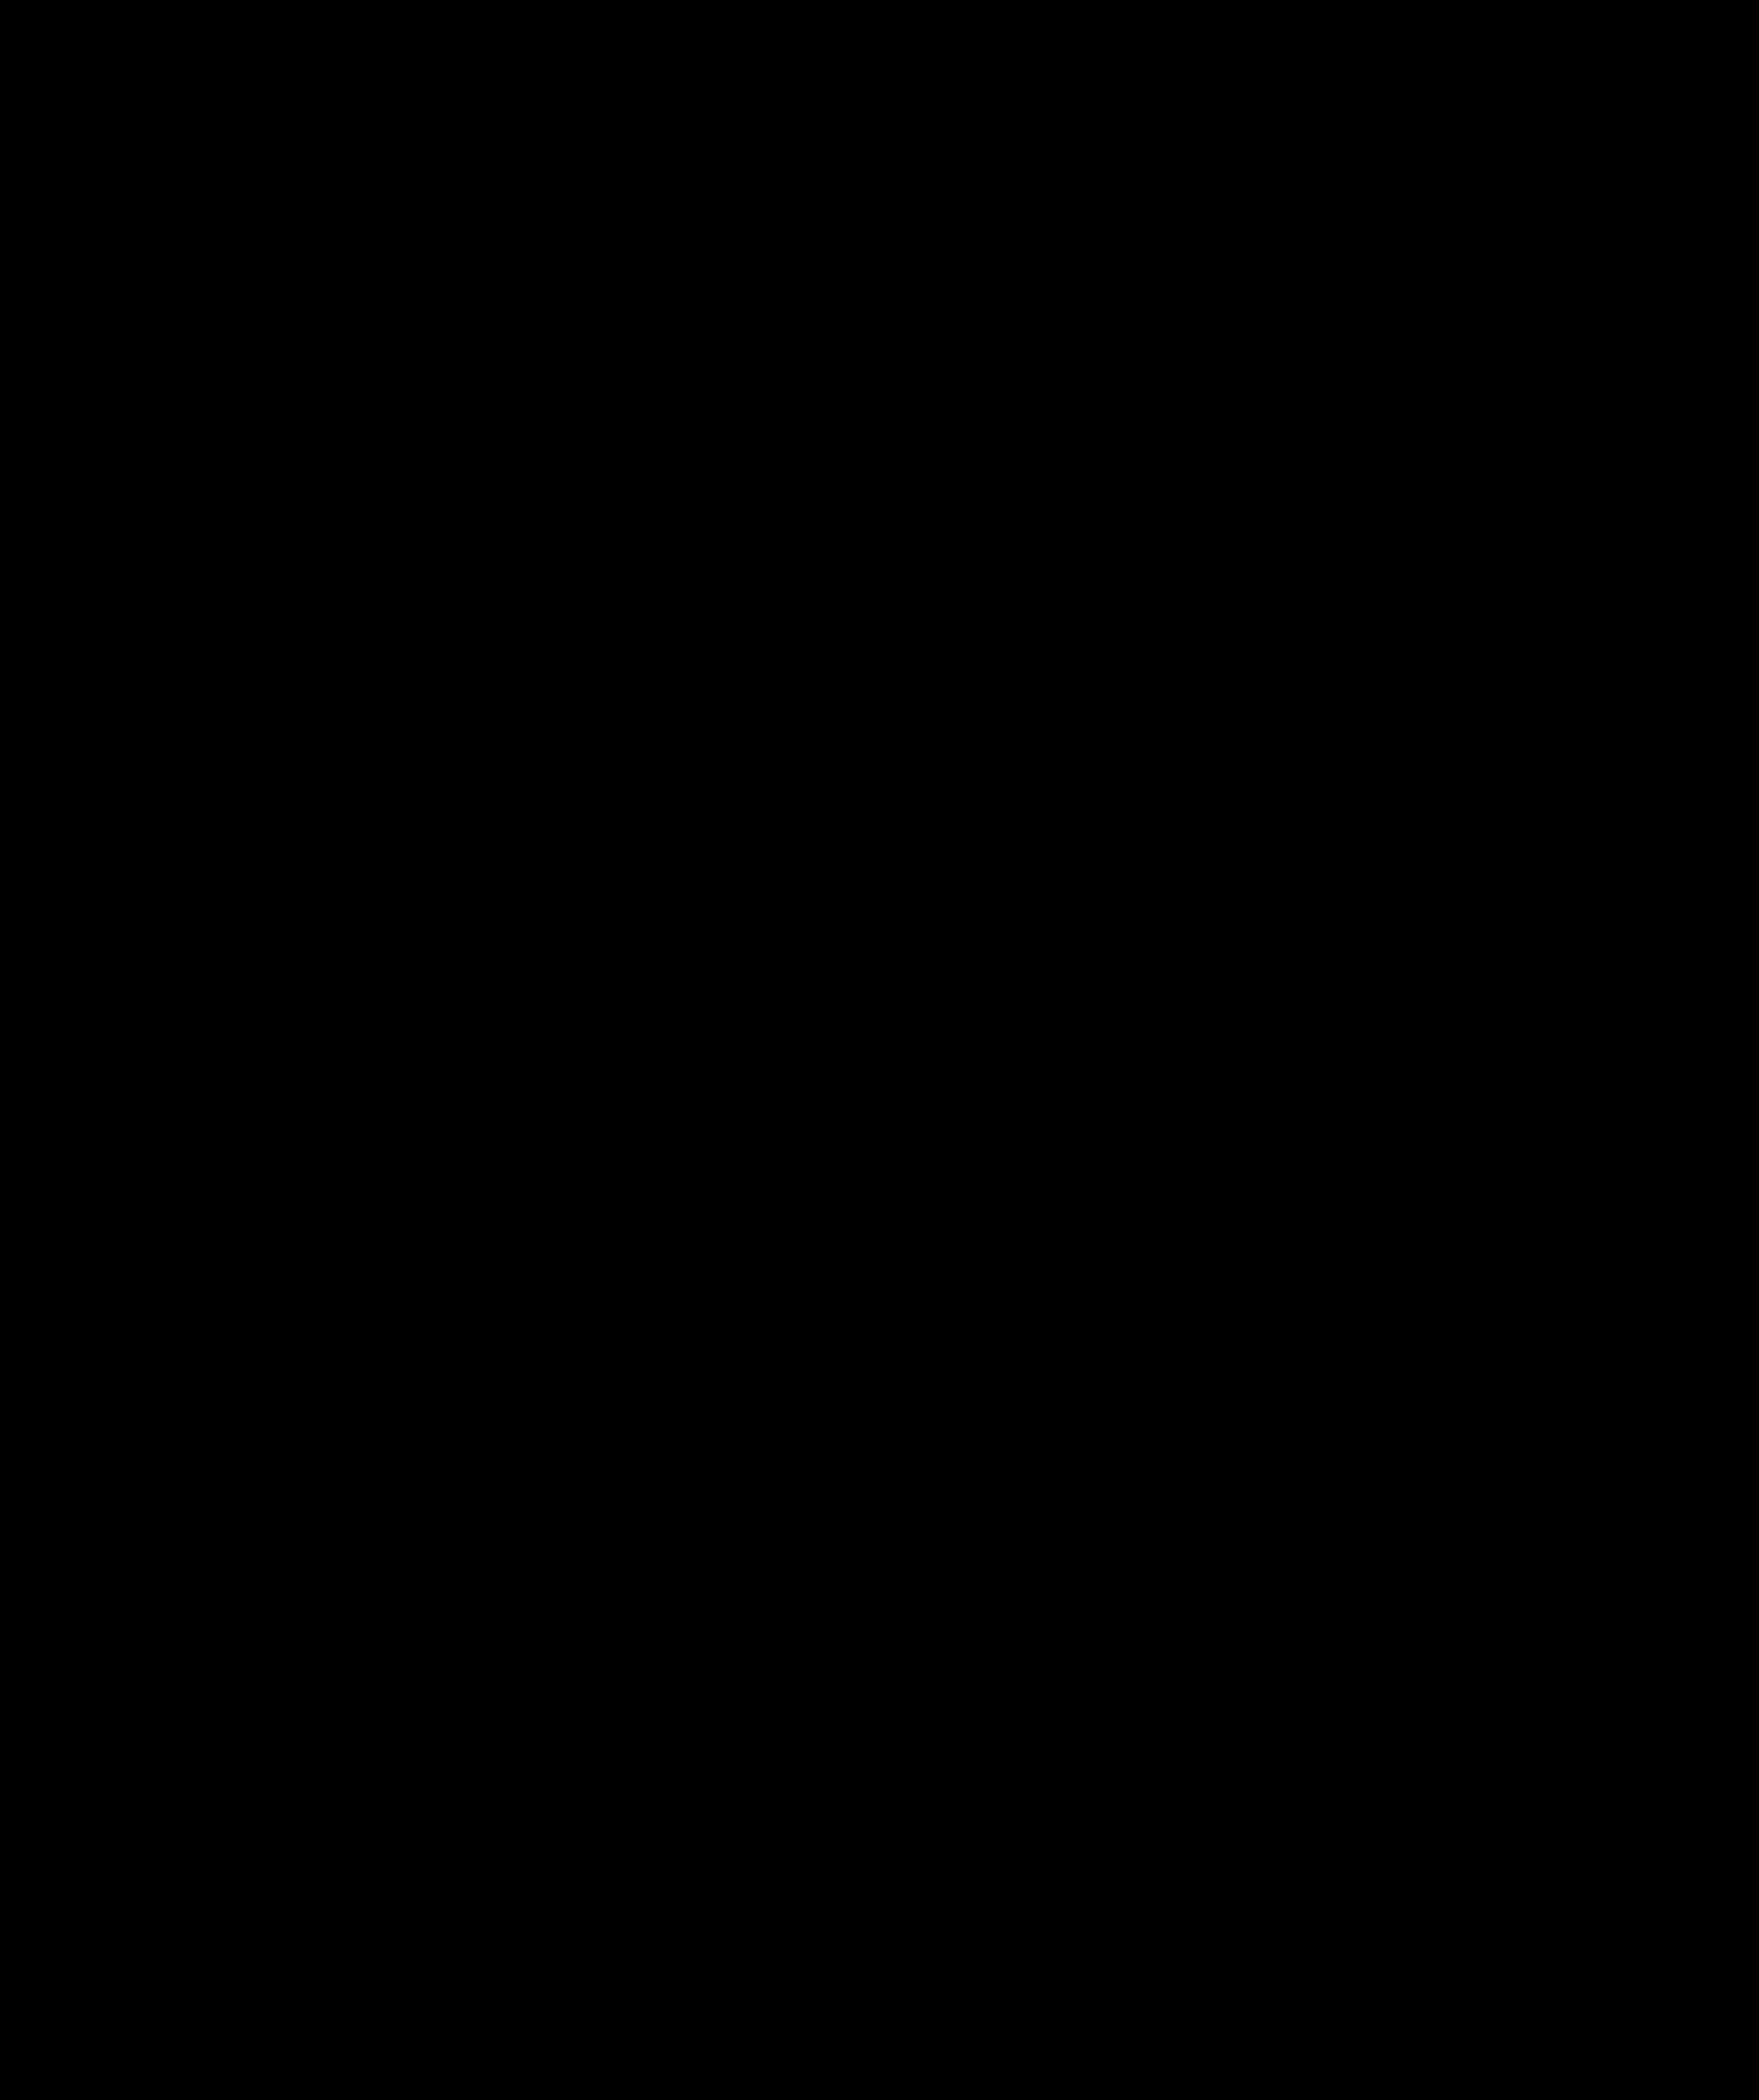 6er Satz gustavianischer Stühle